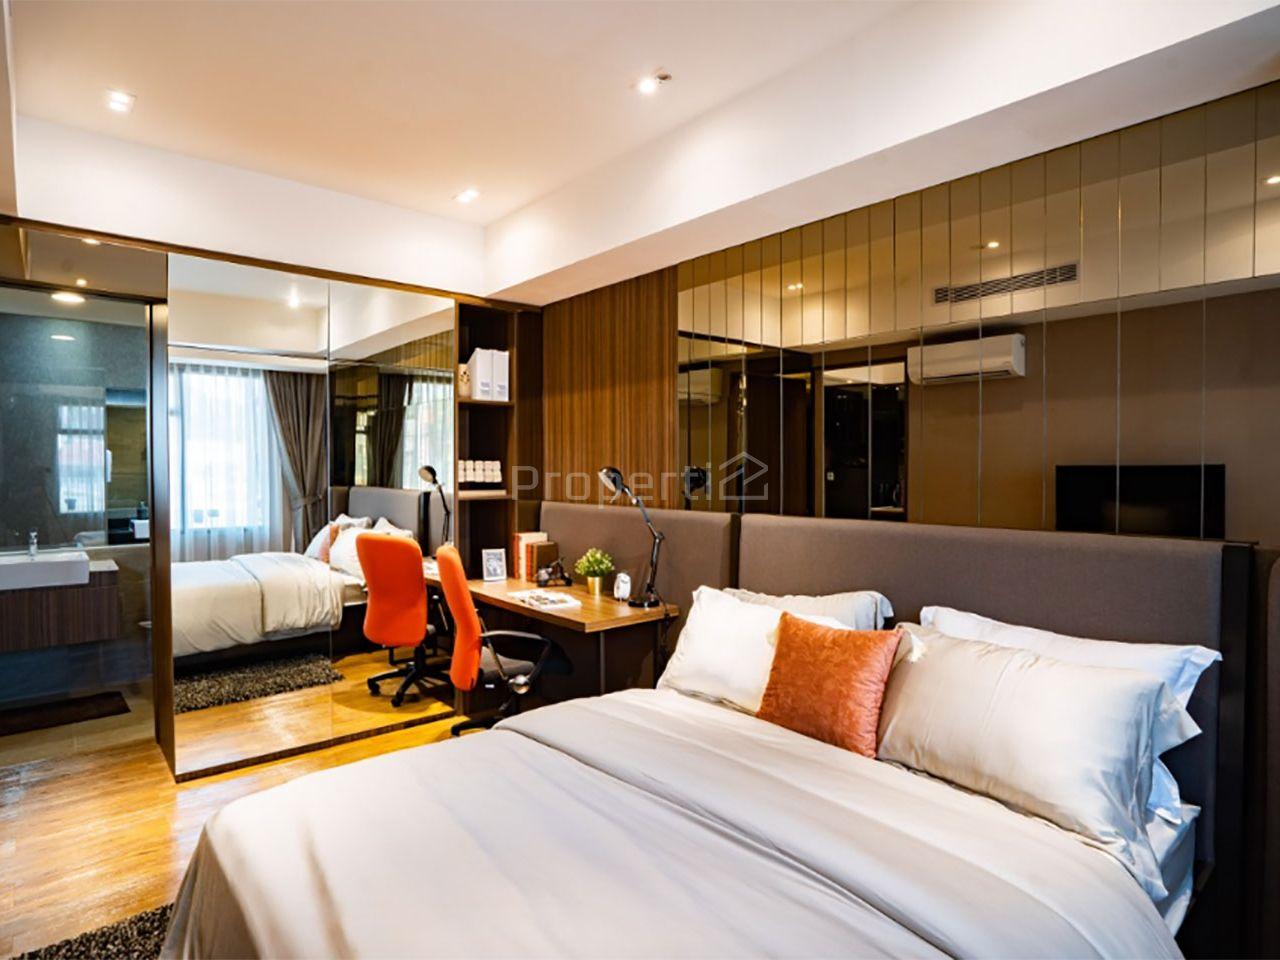 Apartemen Studio Luas dan Mewah di Sakura Garden City, DKI Jakarta